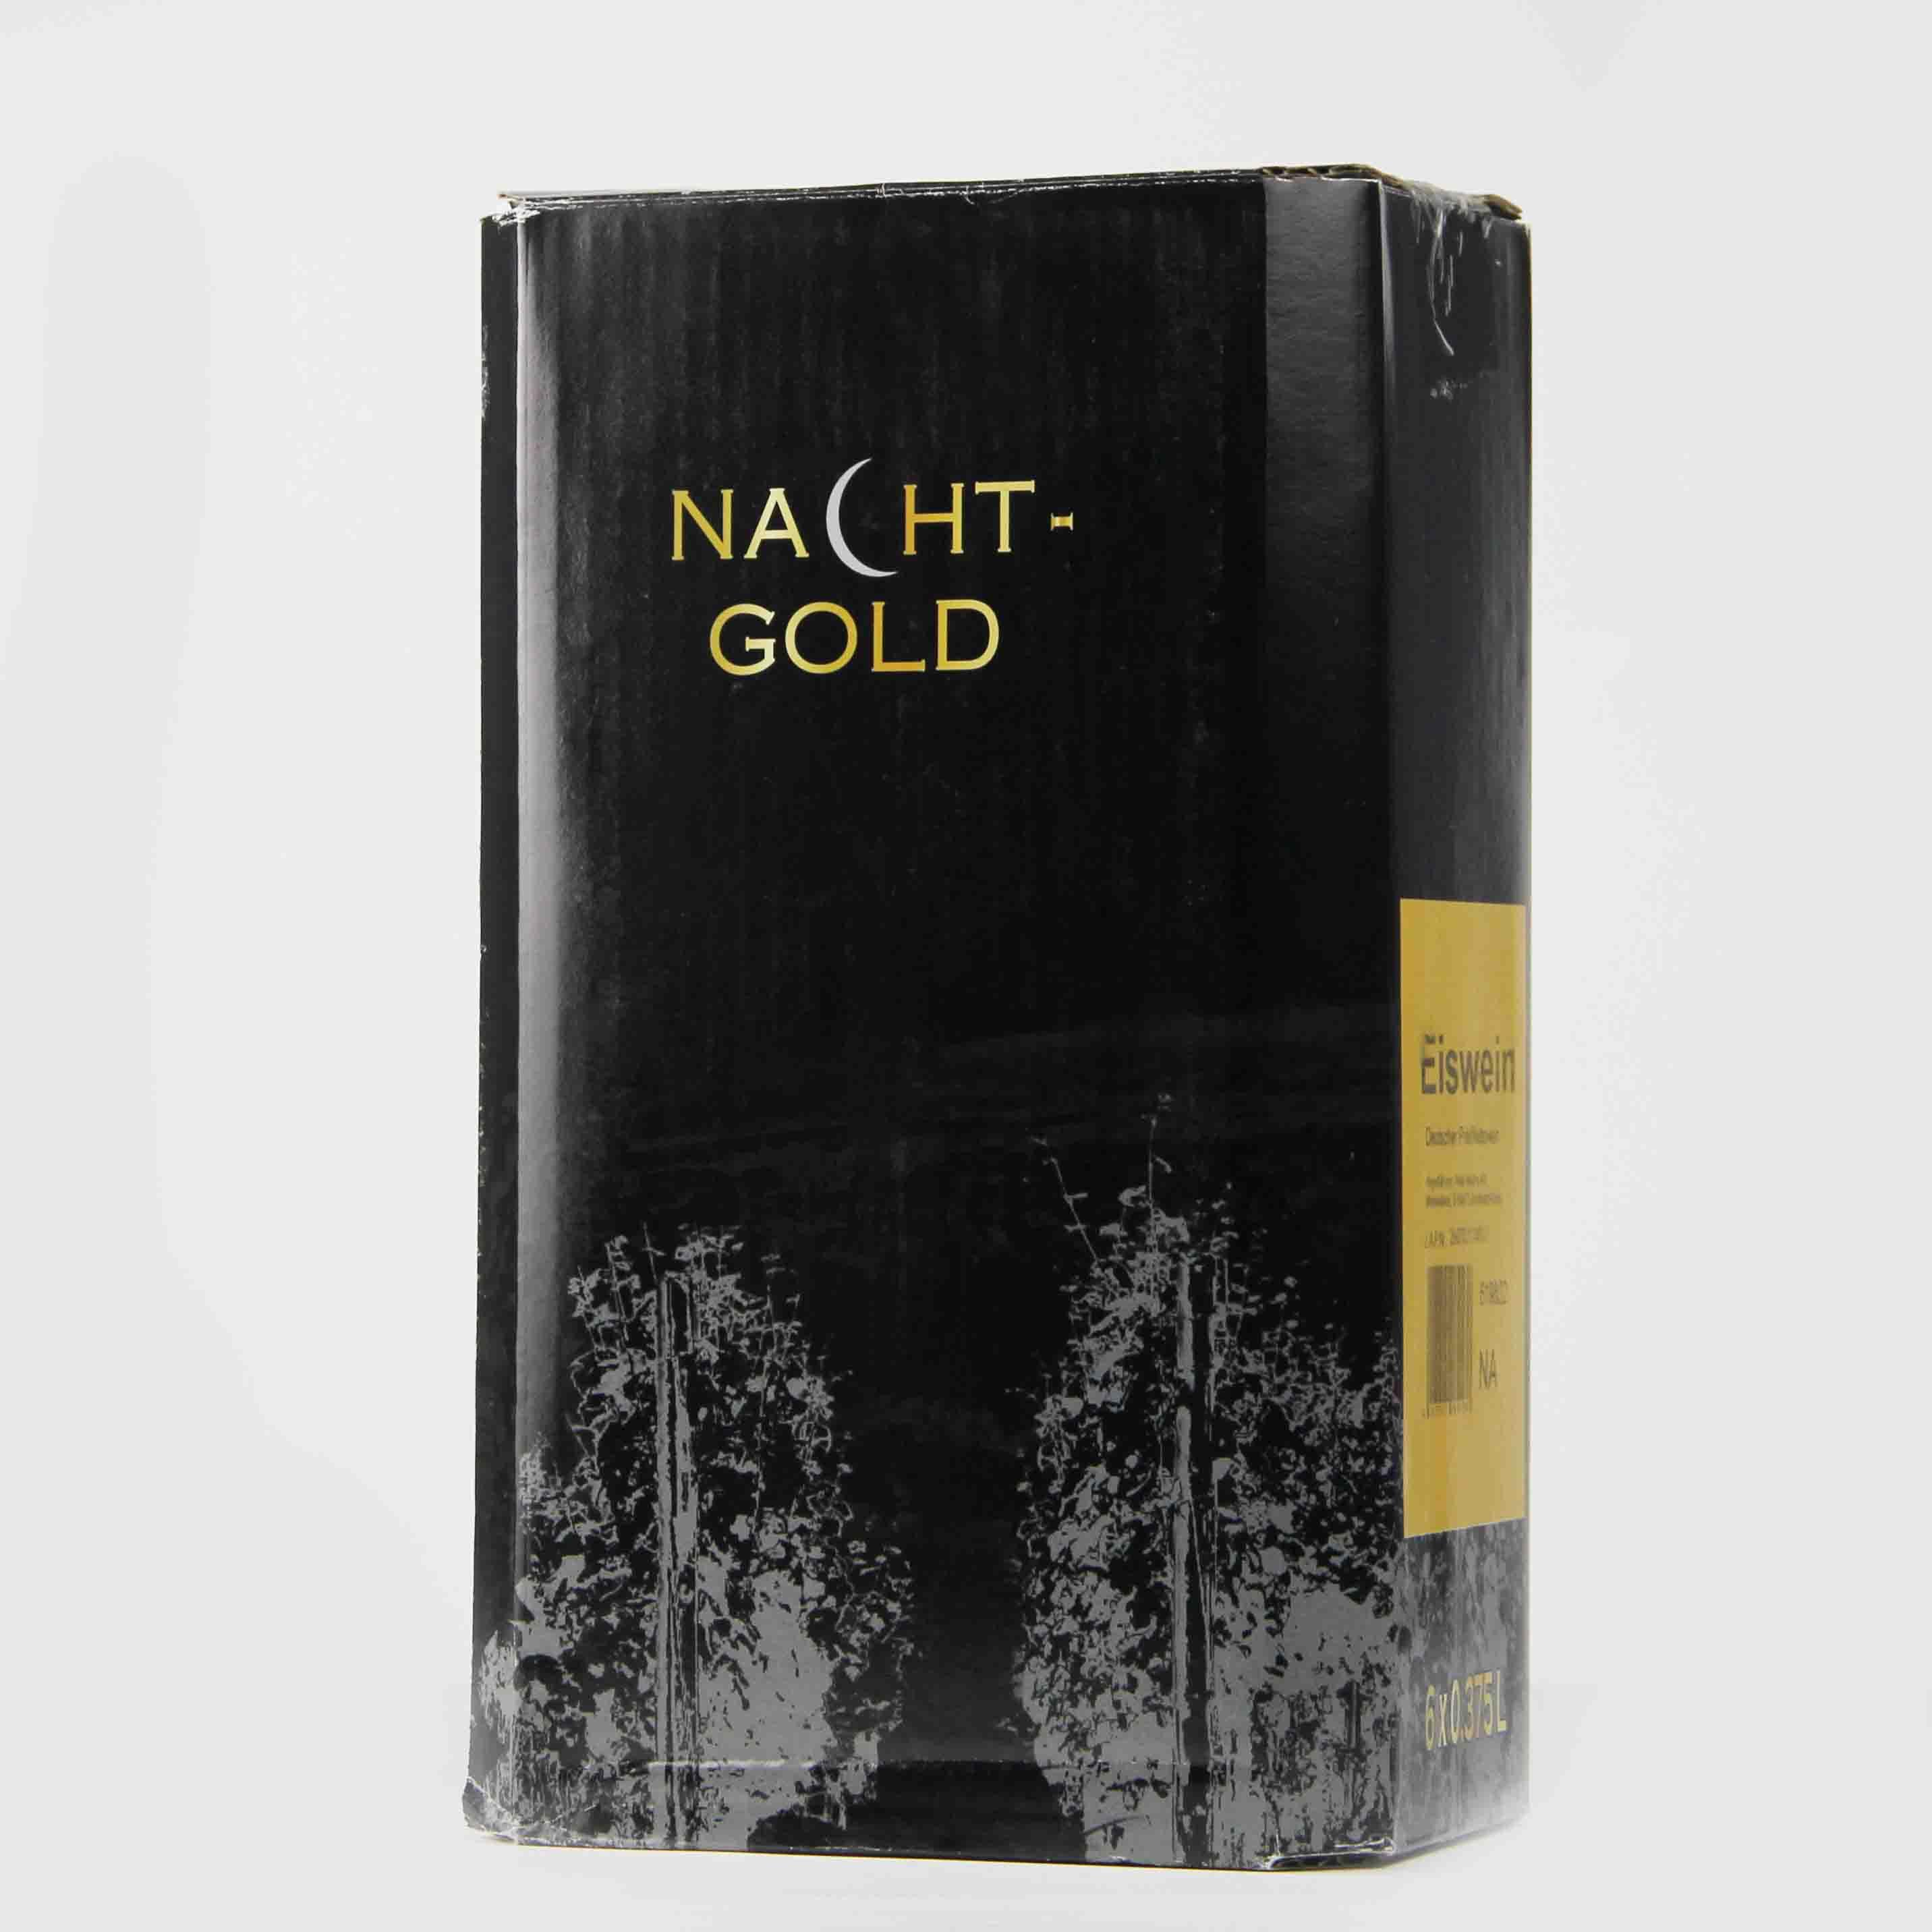 德国莱茵黑森夜半黄金甜白冰酒